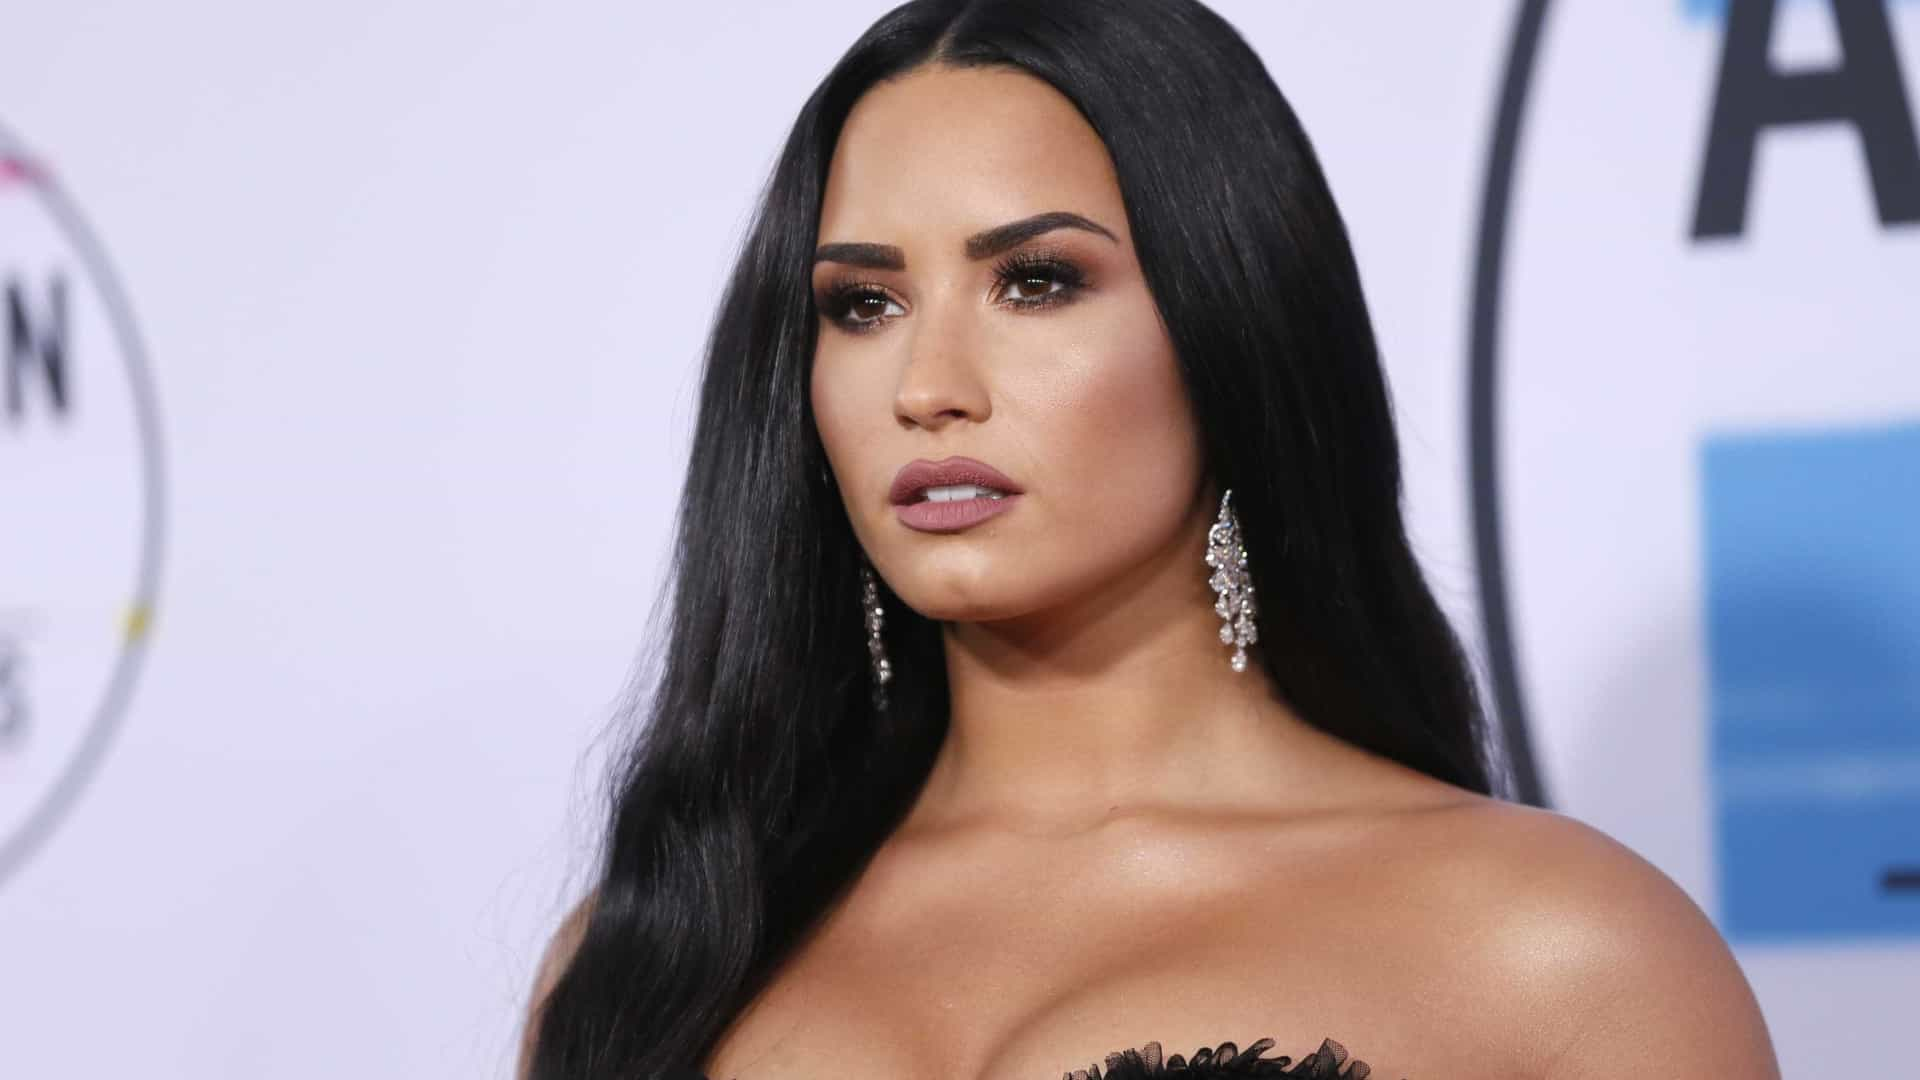 Suspeito de vender drogas a Demi Lovato já foi pego com armas